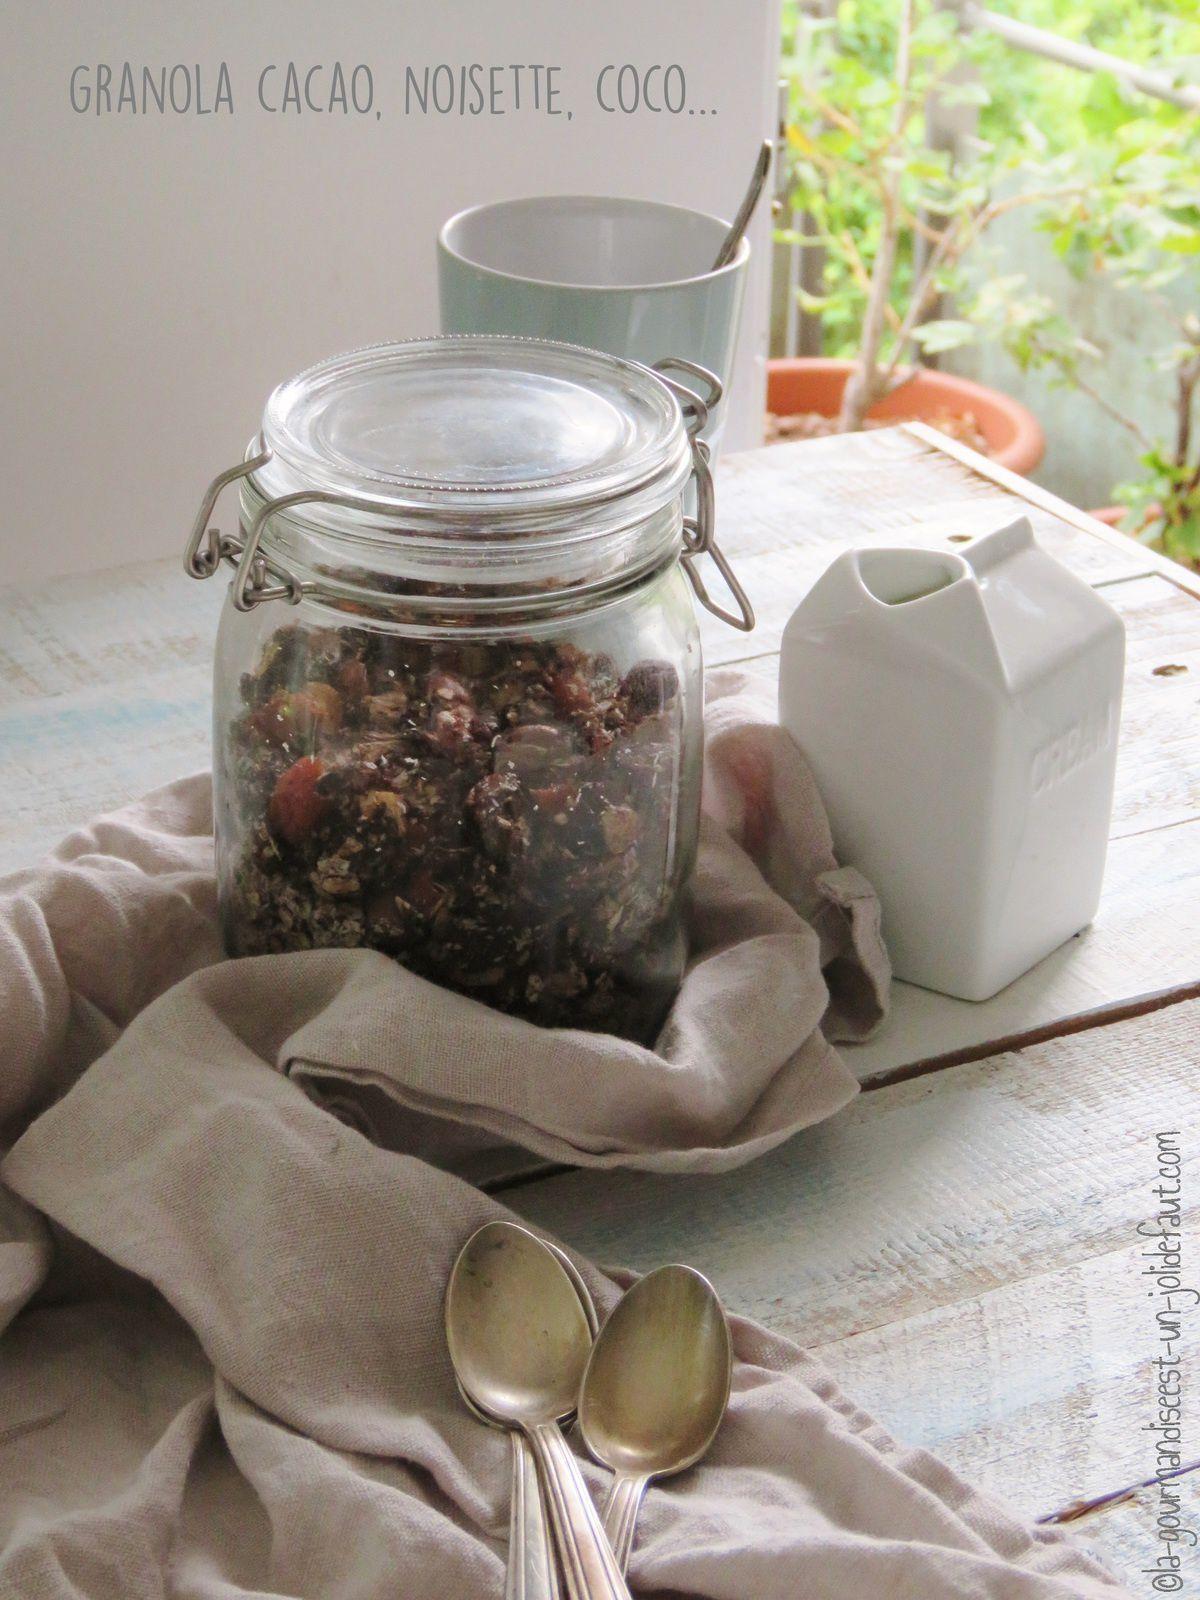 Granola cacao-noisette-coco